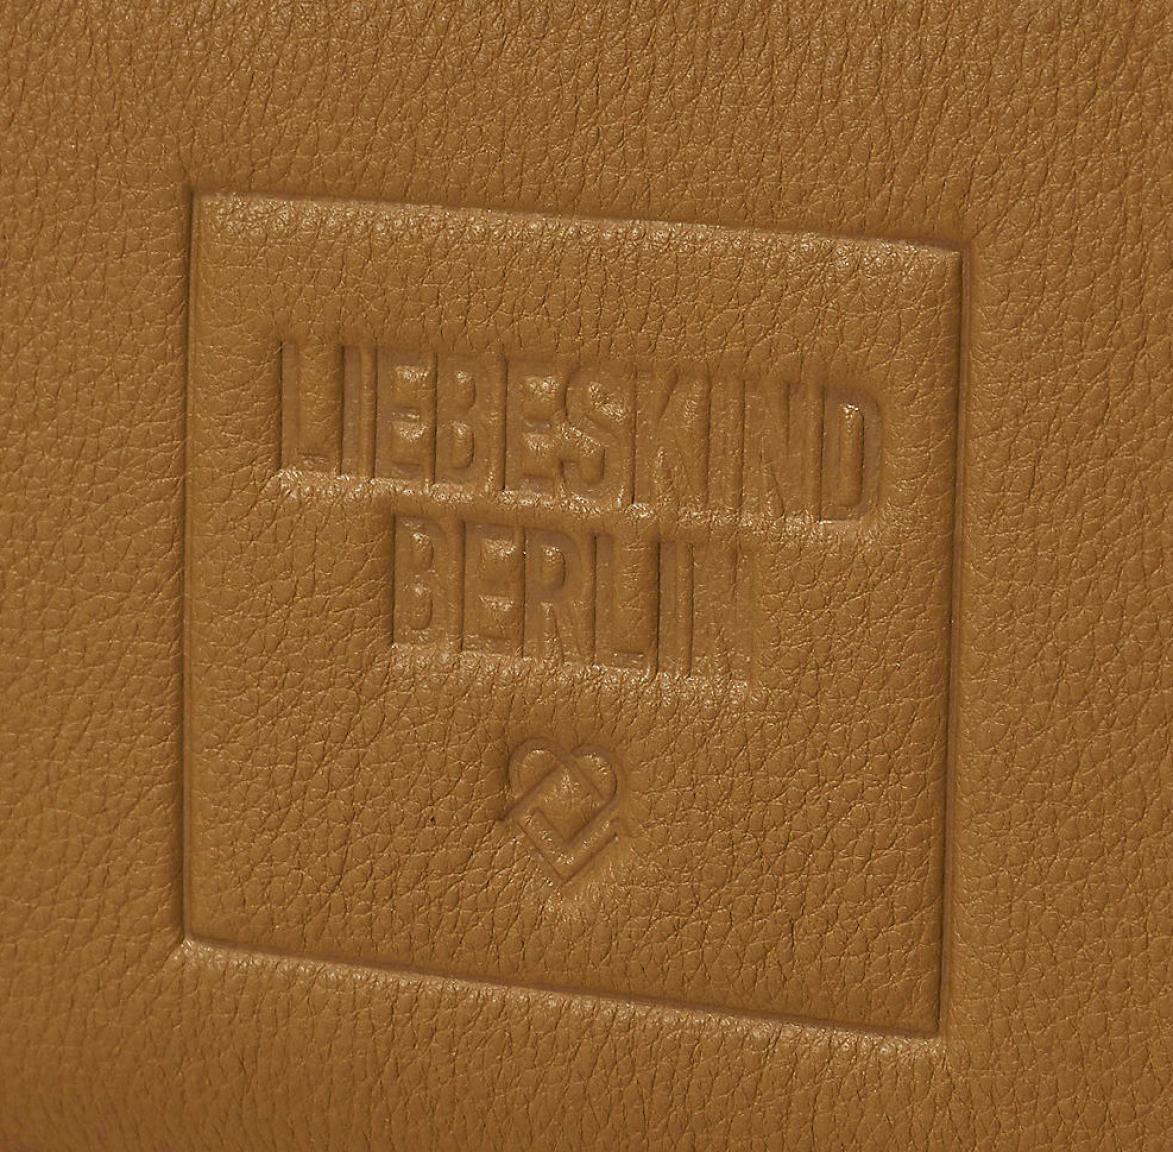 Liebeskind Zipbörse GigiW7 Sioux Beige Vintage Schriftzug